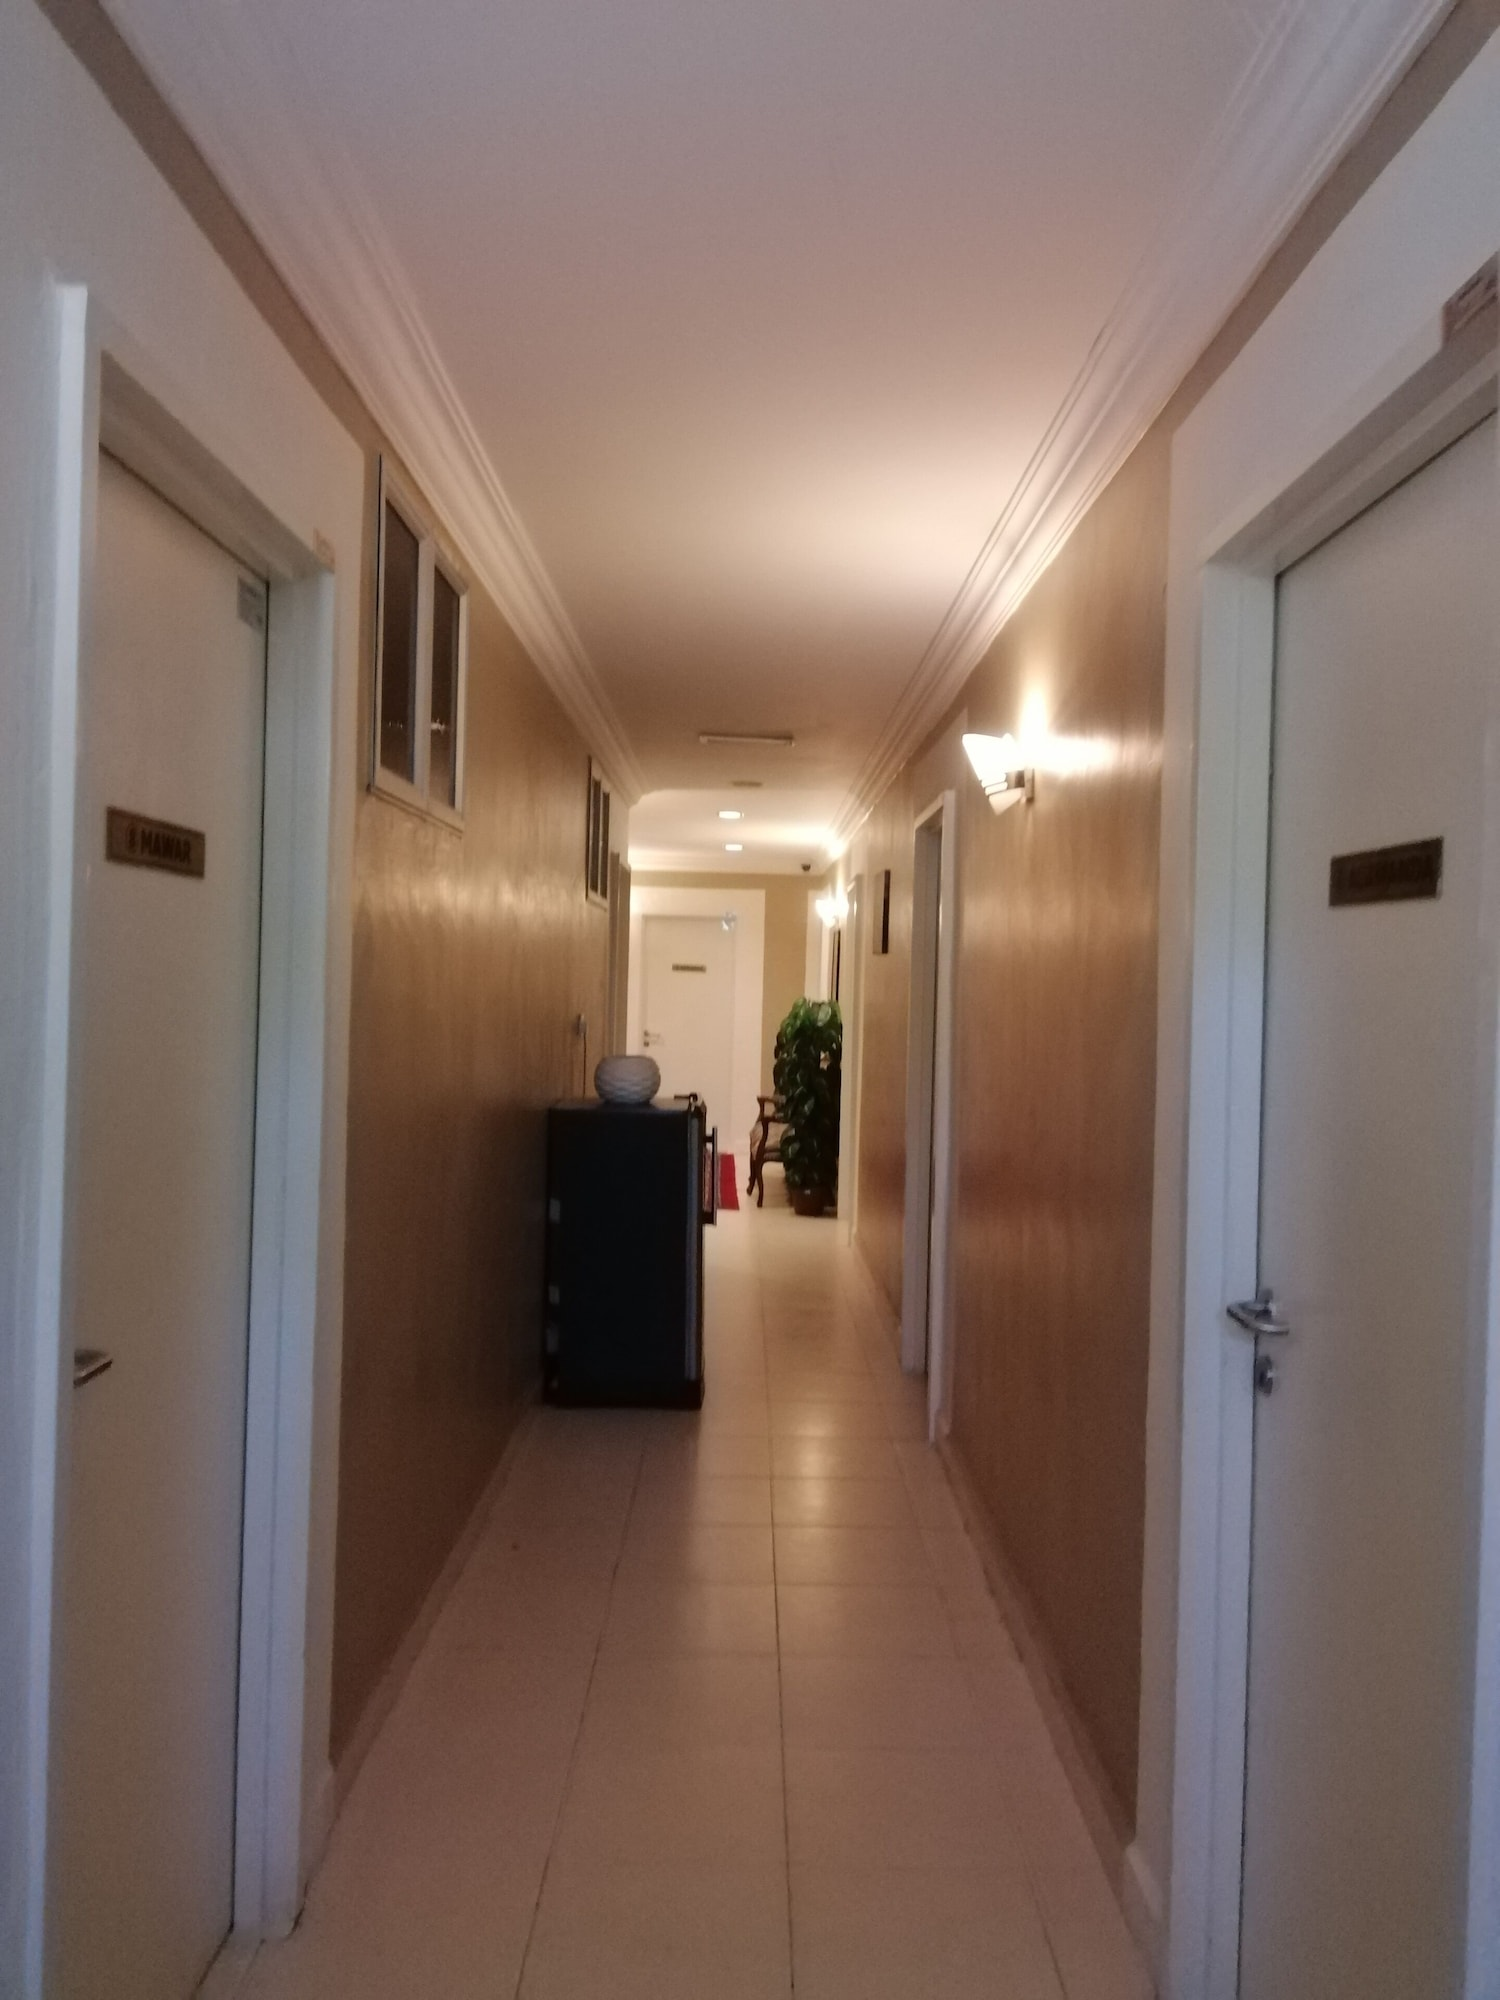 OYO 90010 Hotel Natalia Villa Inapan, Perlis